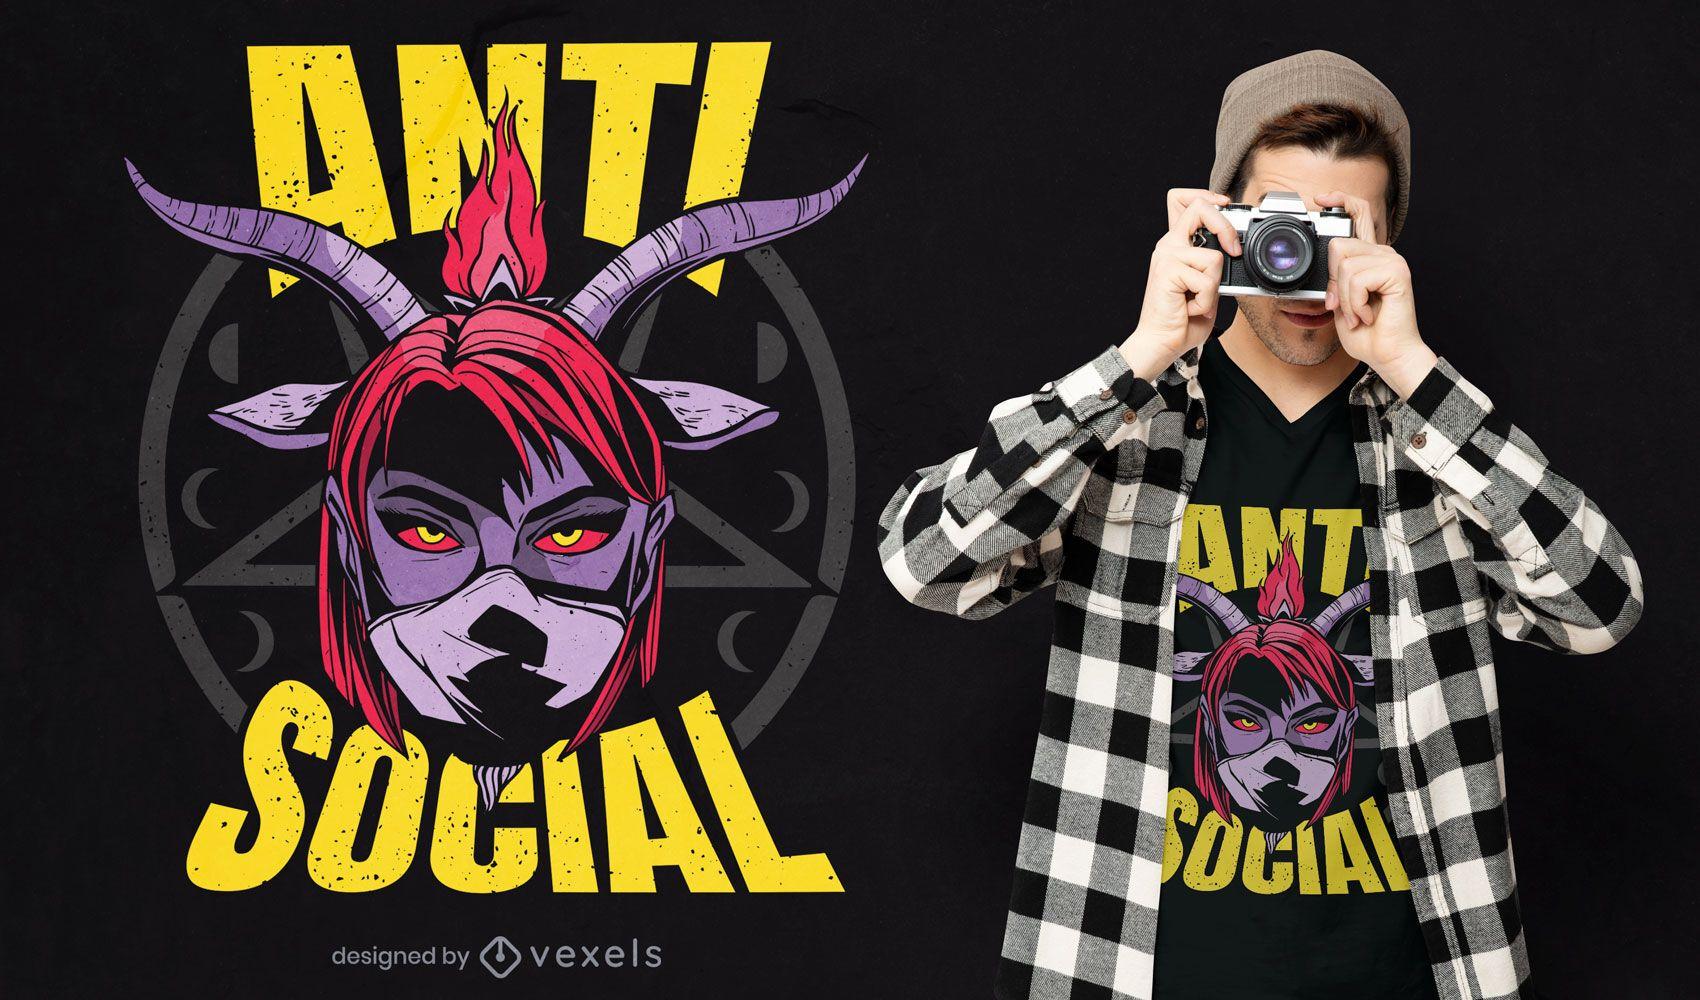 Diseño de camiseta de niña demoníaca anti social.